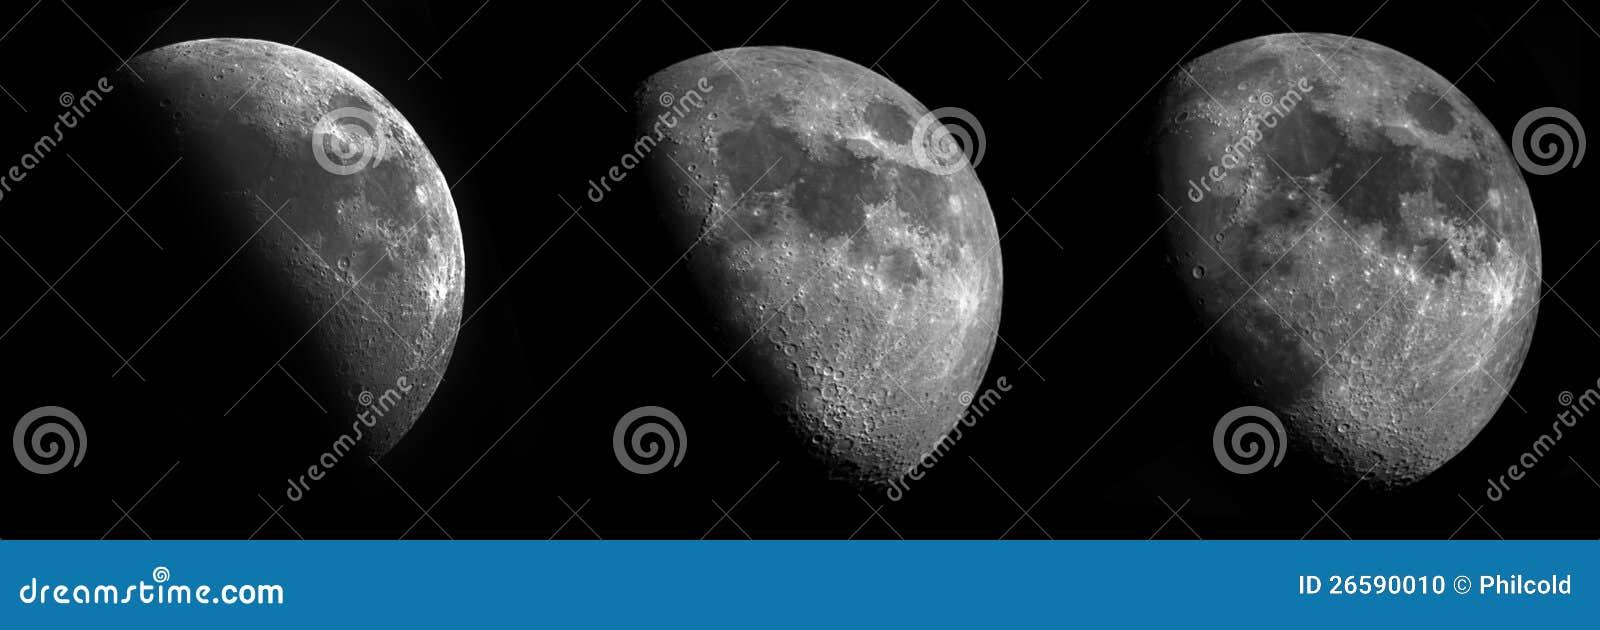 3 участка серповидной луны